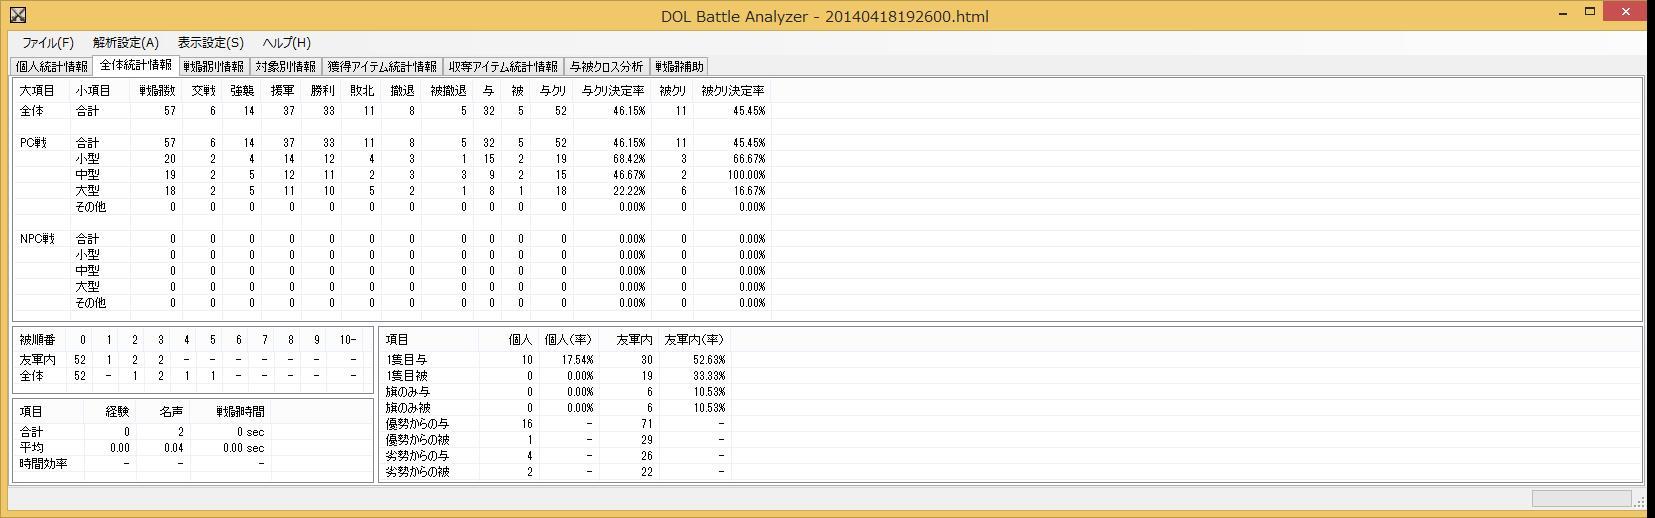 result_20140421184459.jpg